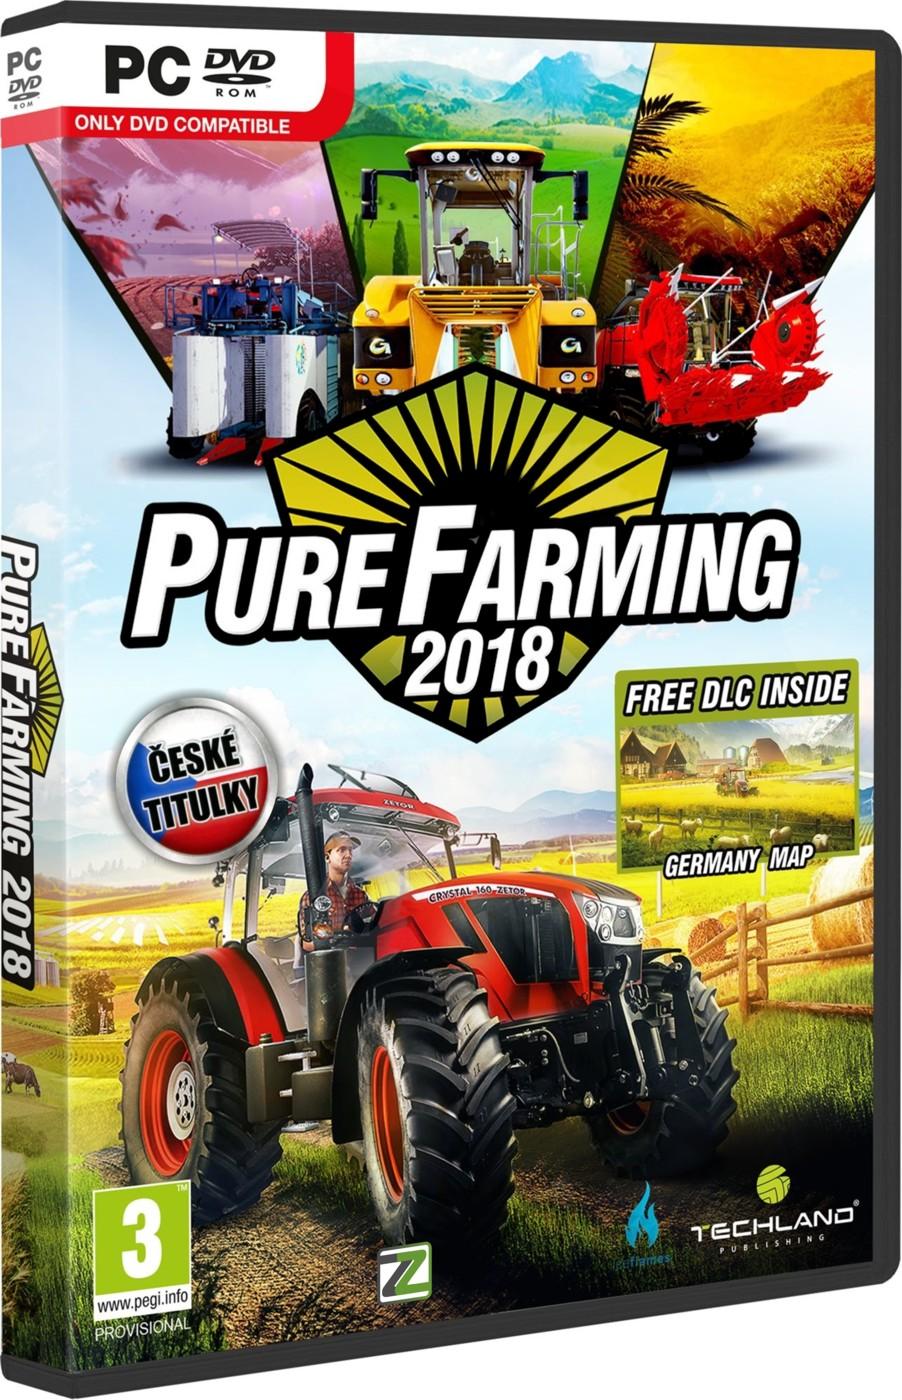 Pure Farming - PC